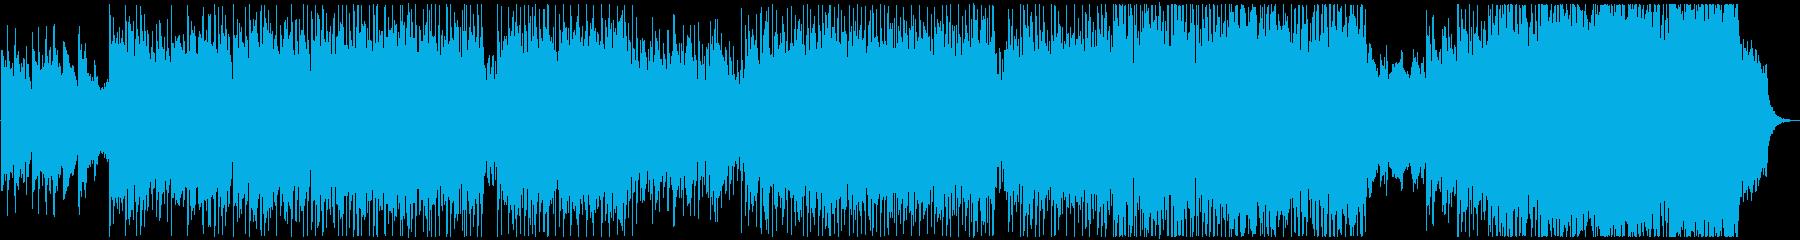 バイオリンの明るく元気なテクノポップの再生済みの波形